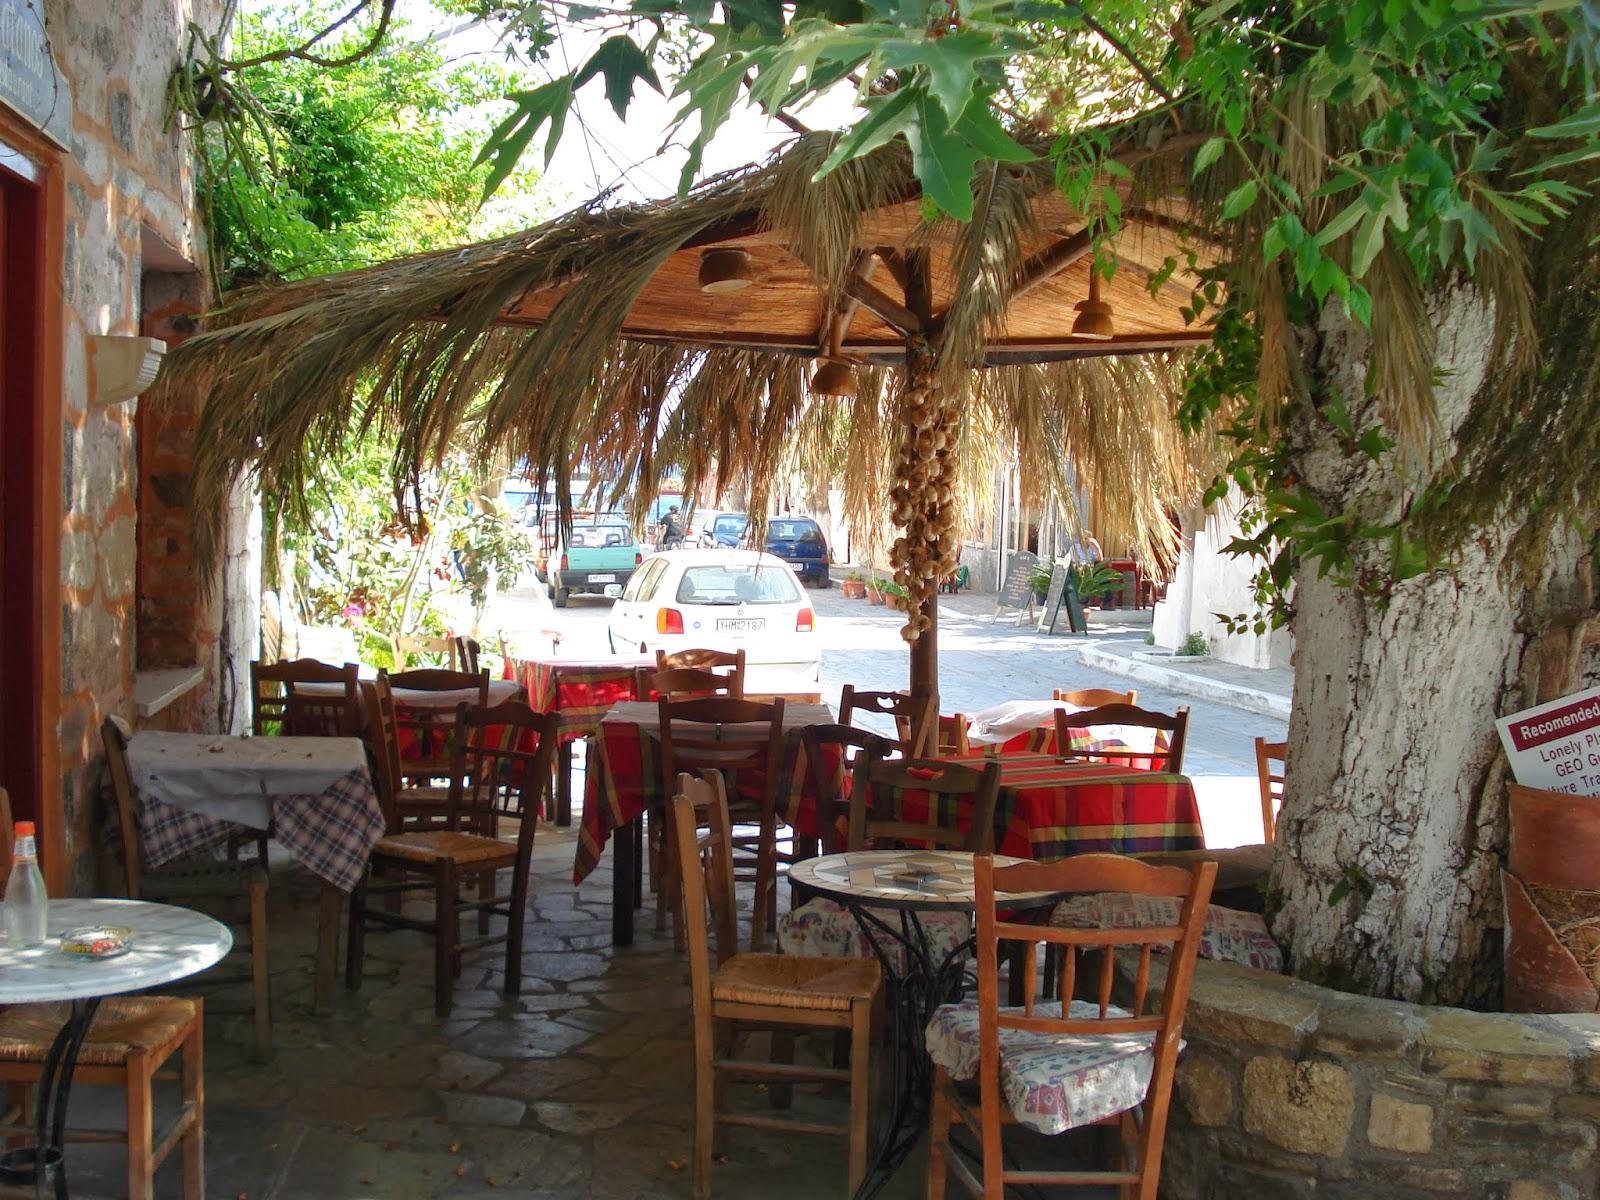 Le blog d 39 a fotografia scorci di taverne greche for Foto di taverne arredate